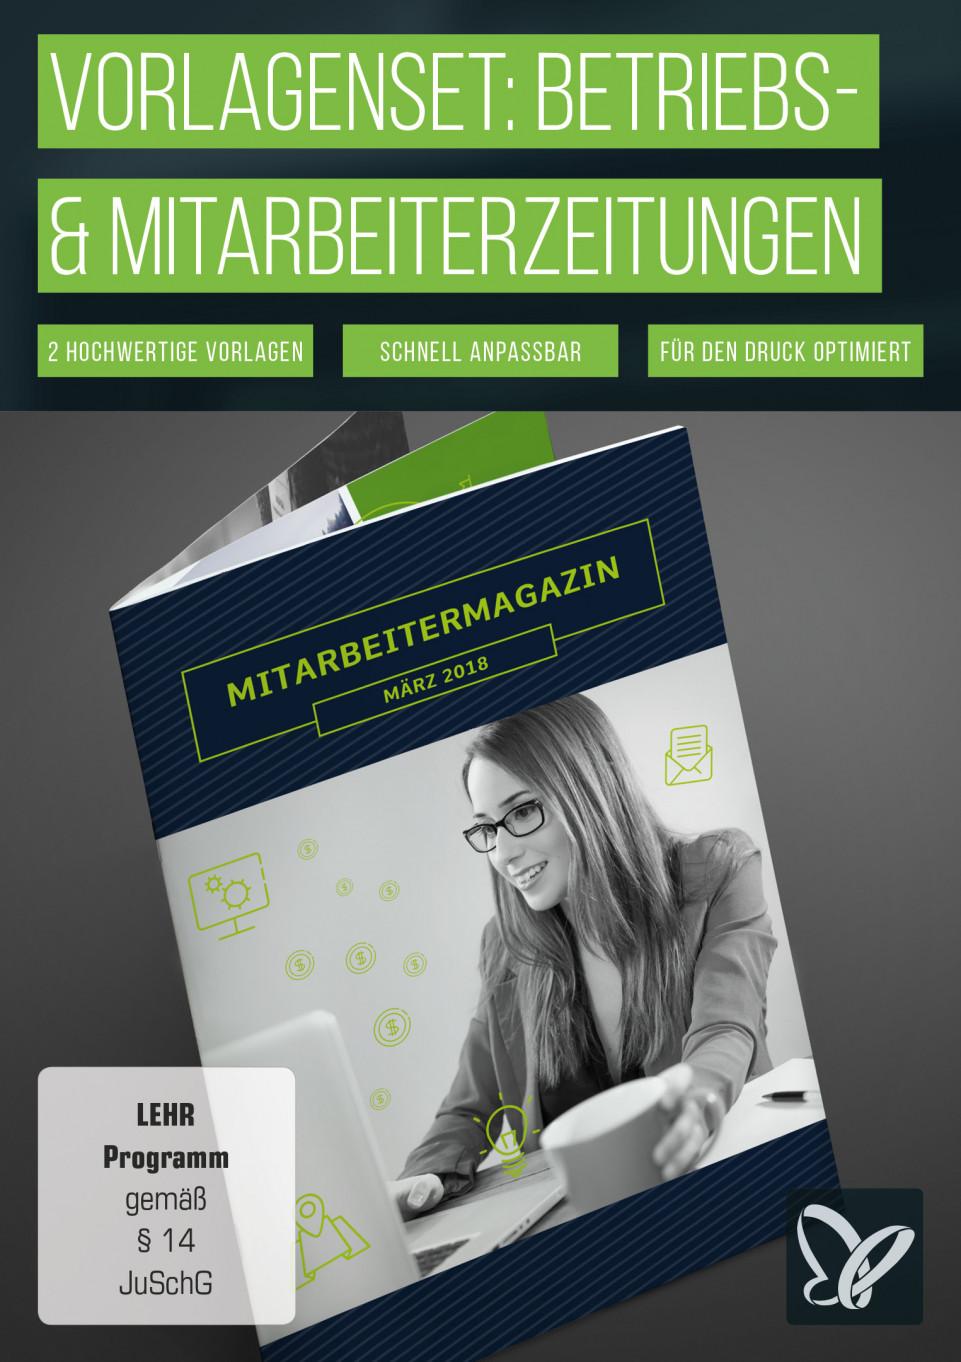 Layout-Vorlagen: Mitarbeiterzeitung, Betriebszeitung, Firmenzeitung